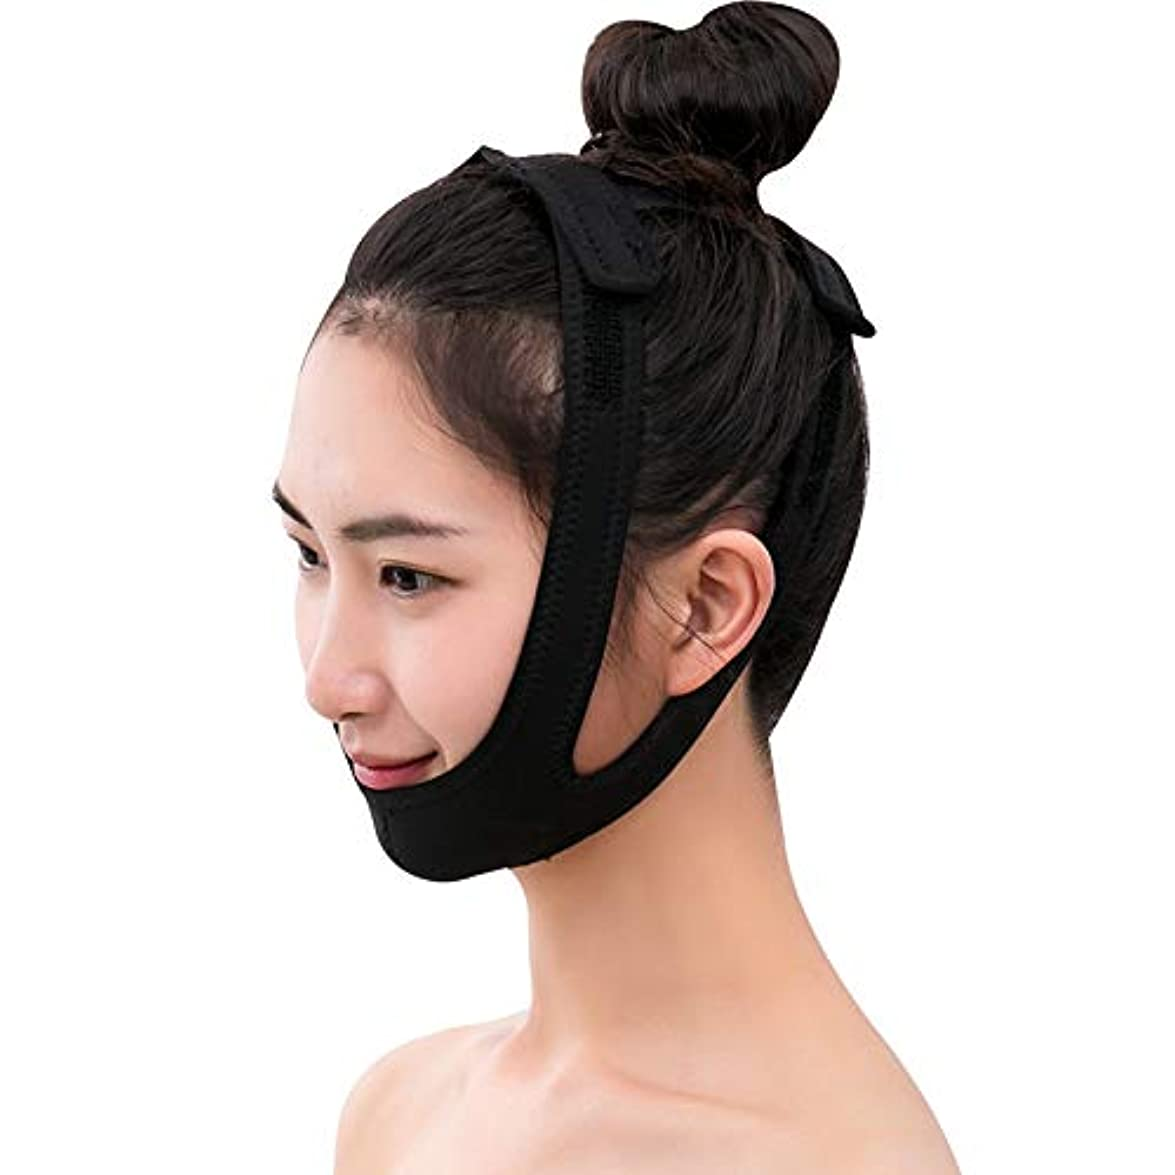 先祖スラム街悪化するMinmin フェイシャルリフティング痩身ベルト圧縮二重あご減量ベルトスキンケア薄い顔包帯二重あごワークアウト みんみんVラインフェイスマスク